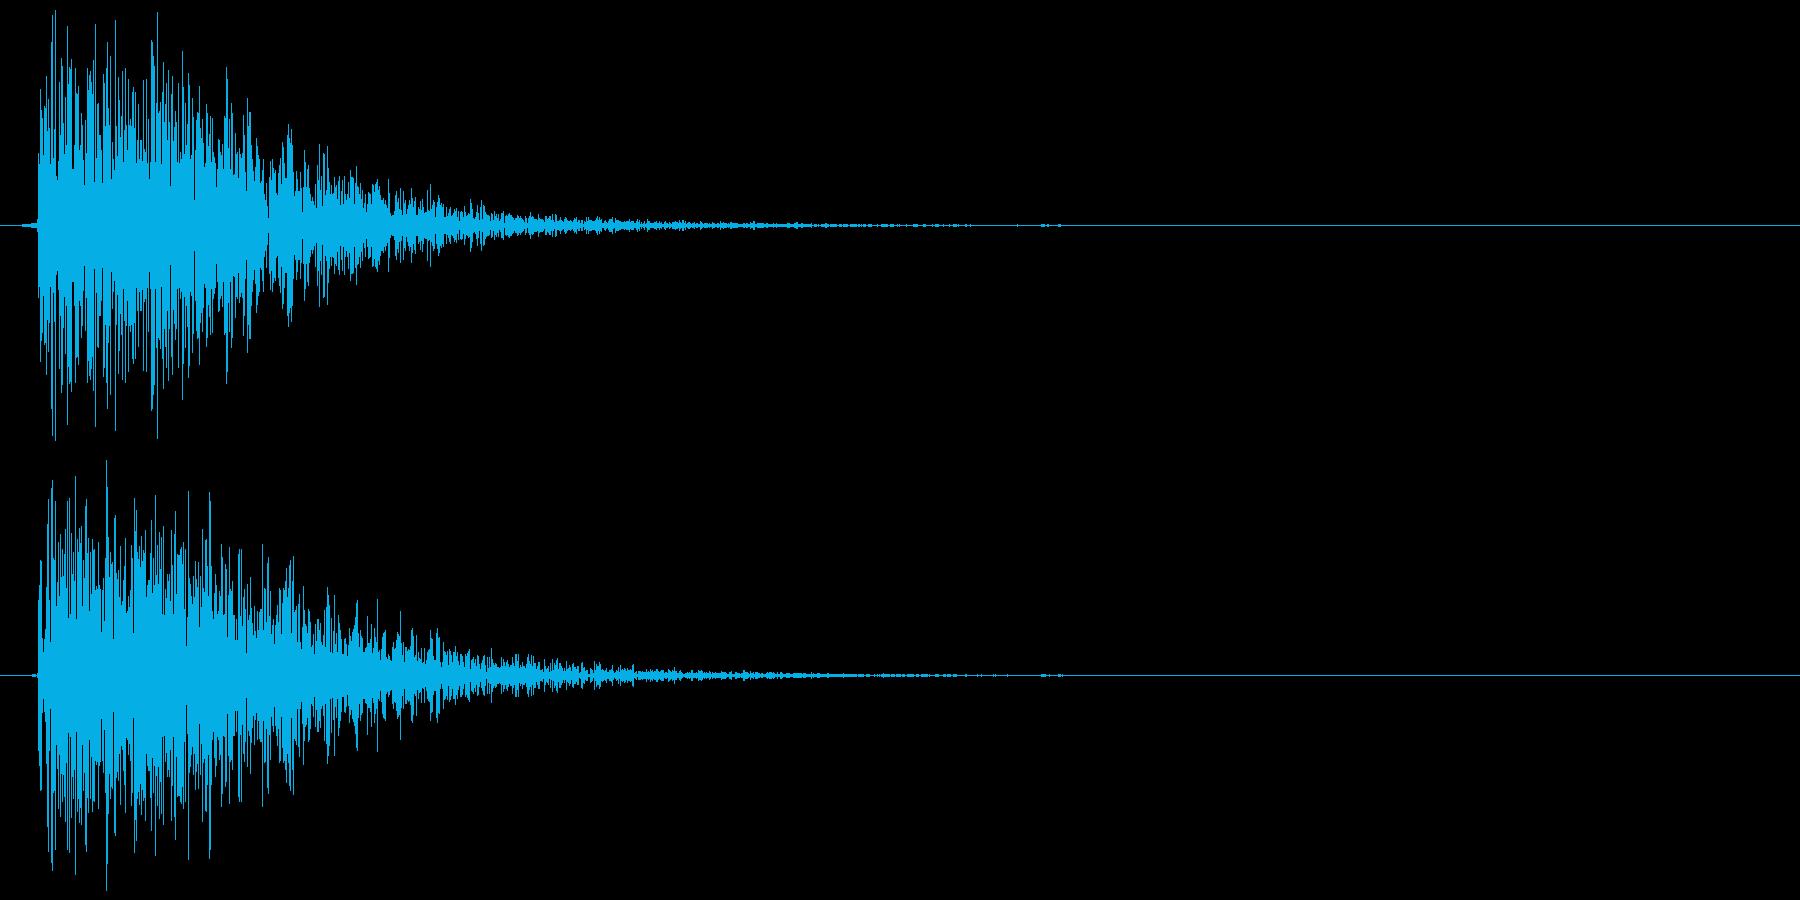 クラッカーの音 パン (リアル風)の再生済みの波形